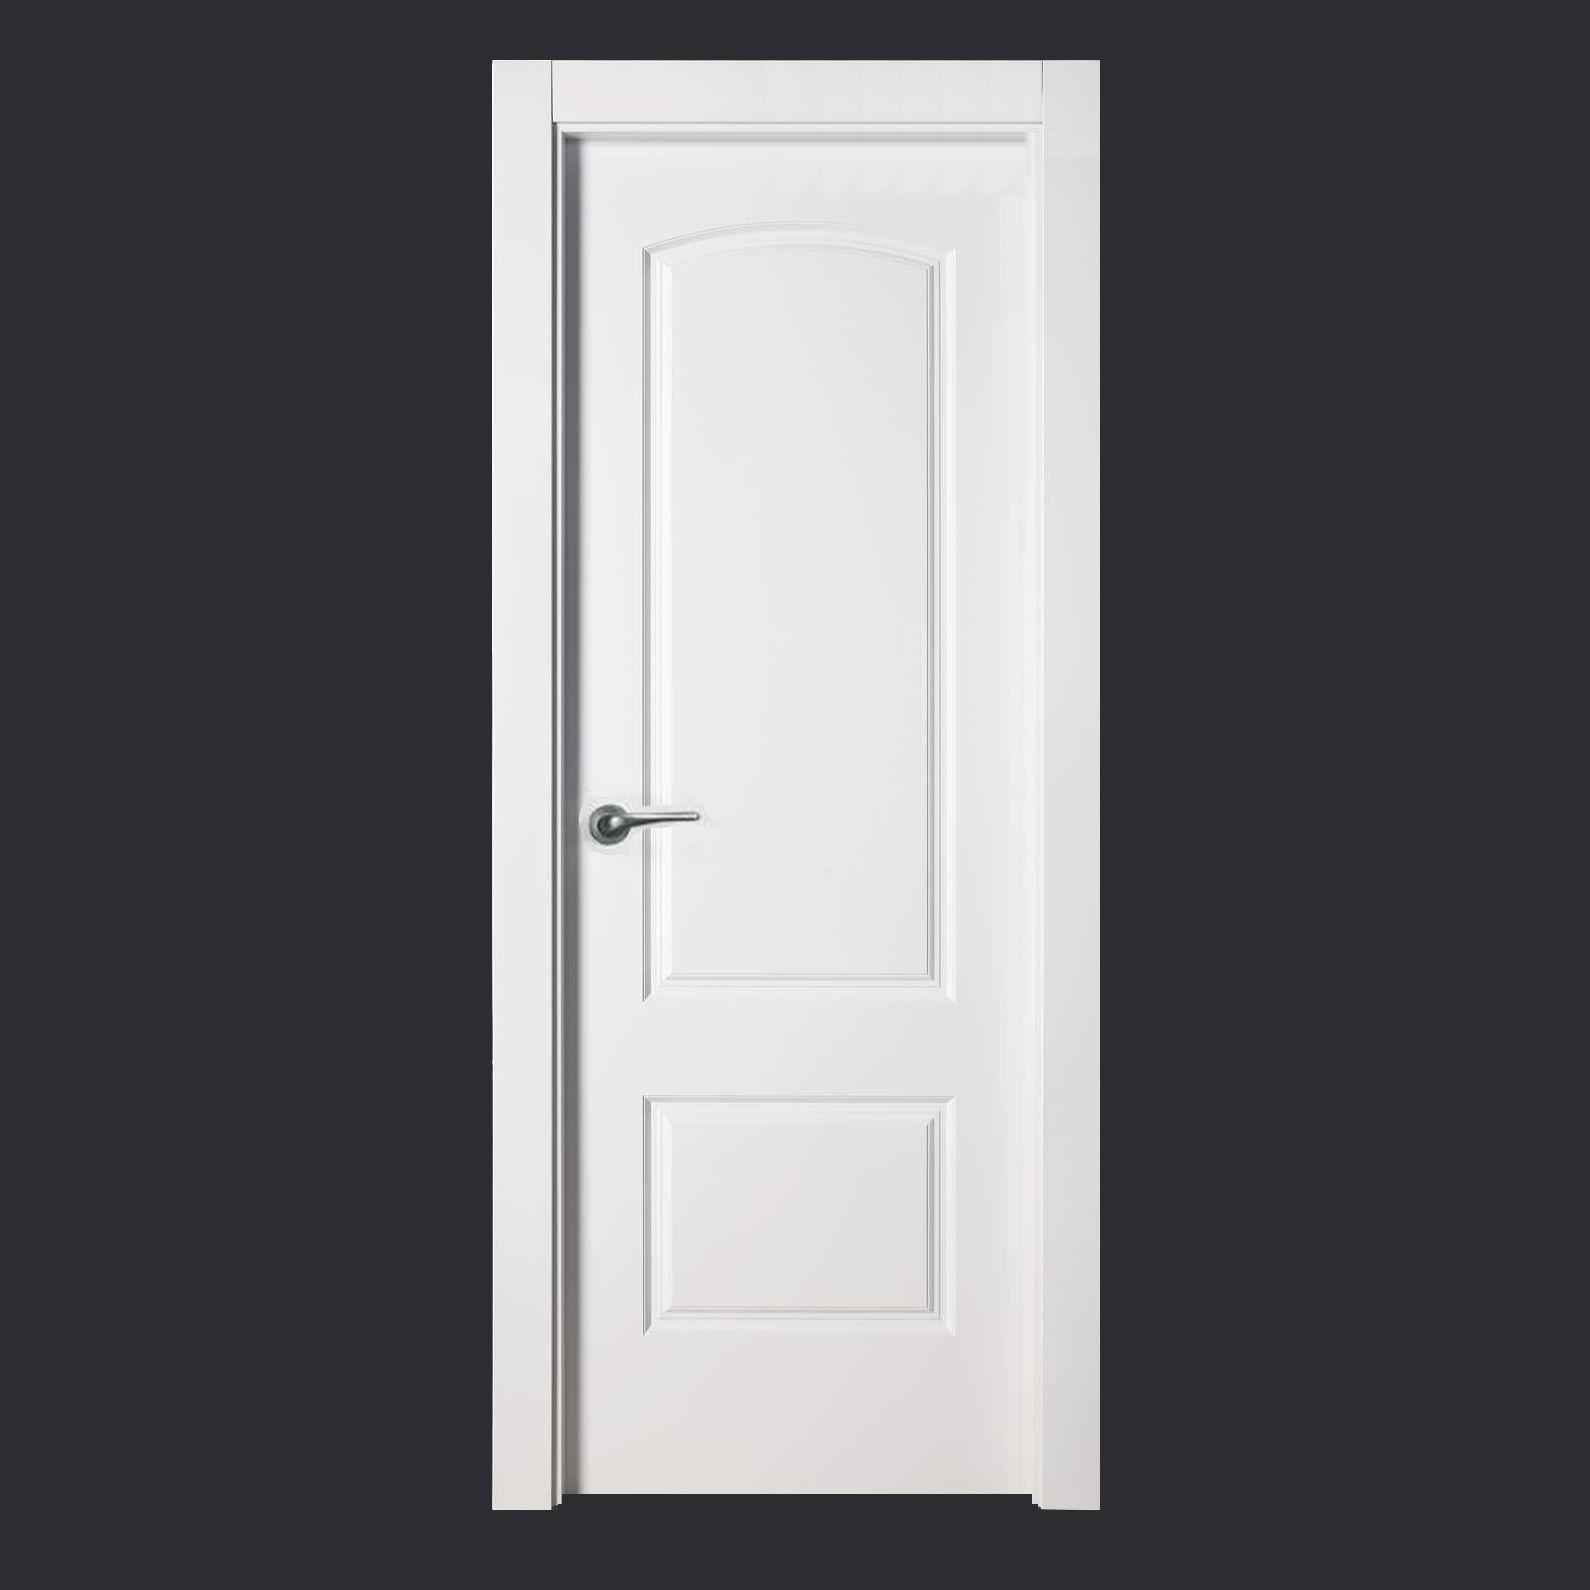 puerta lacada blanca maciza 5270 ev 6 puertas blancas